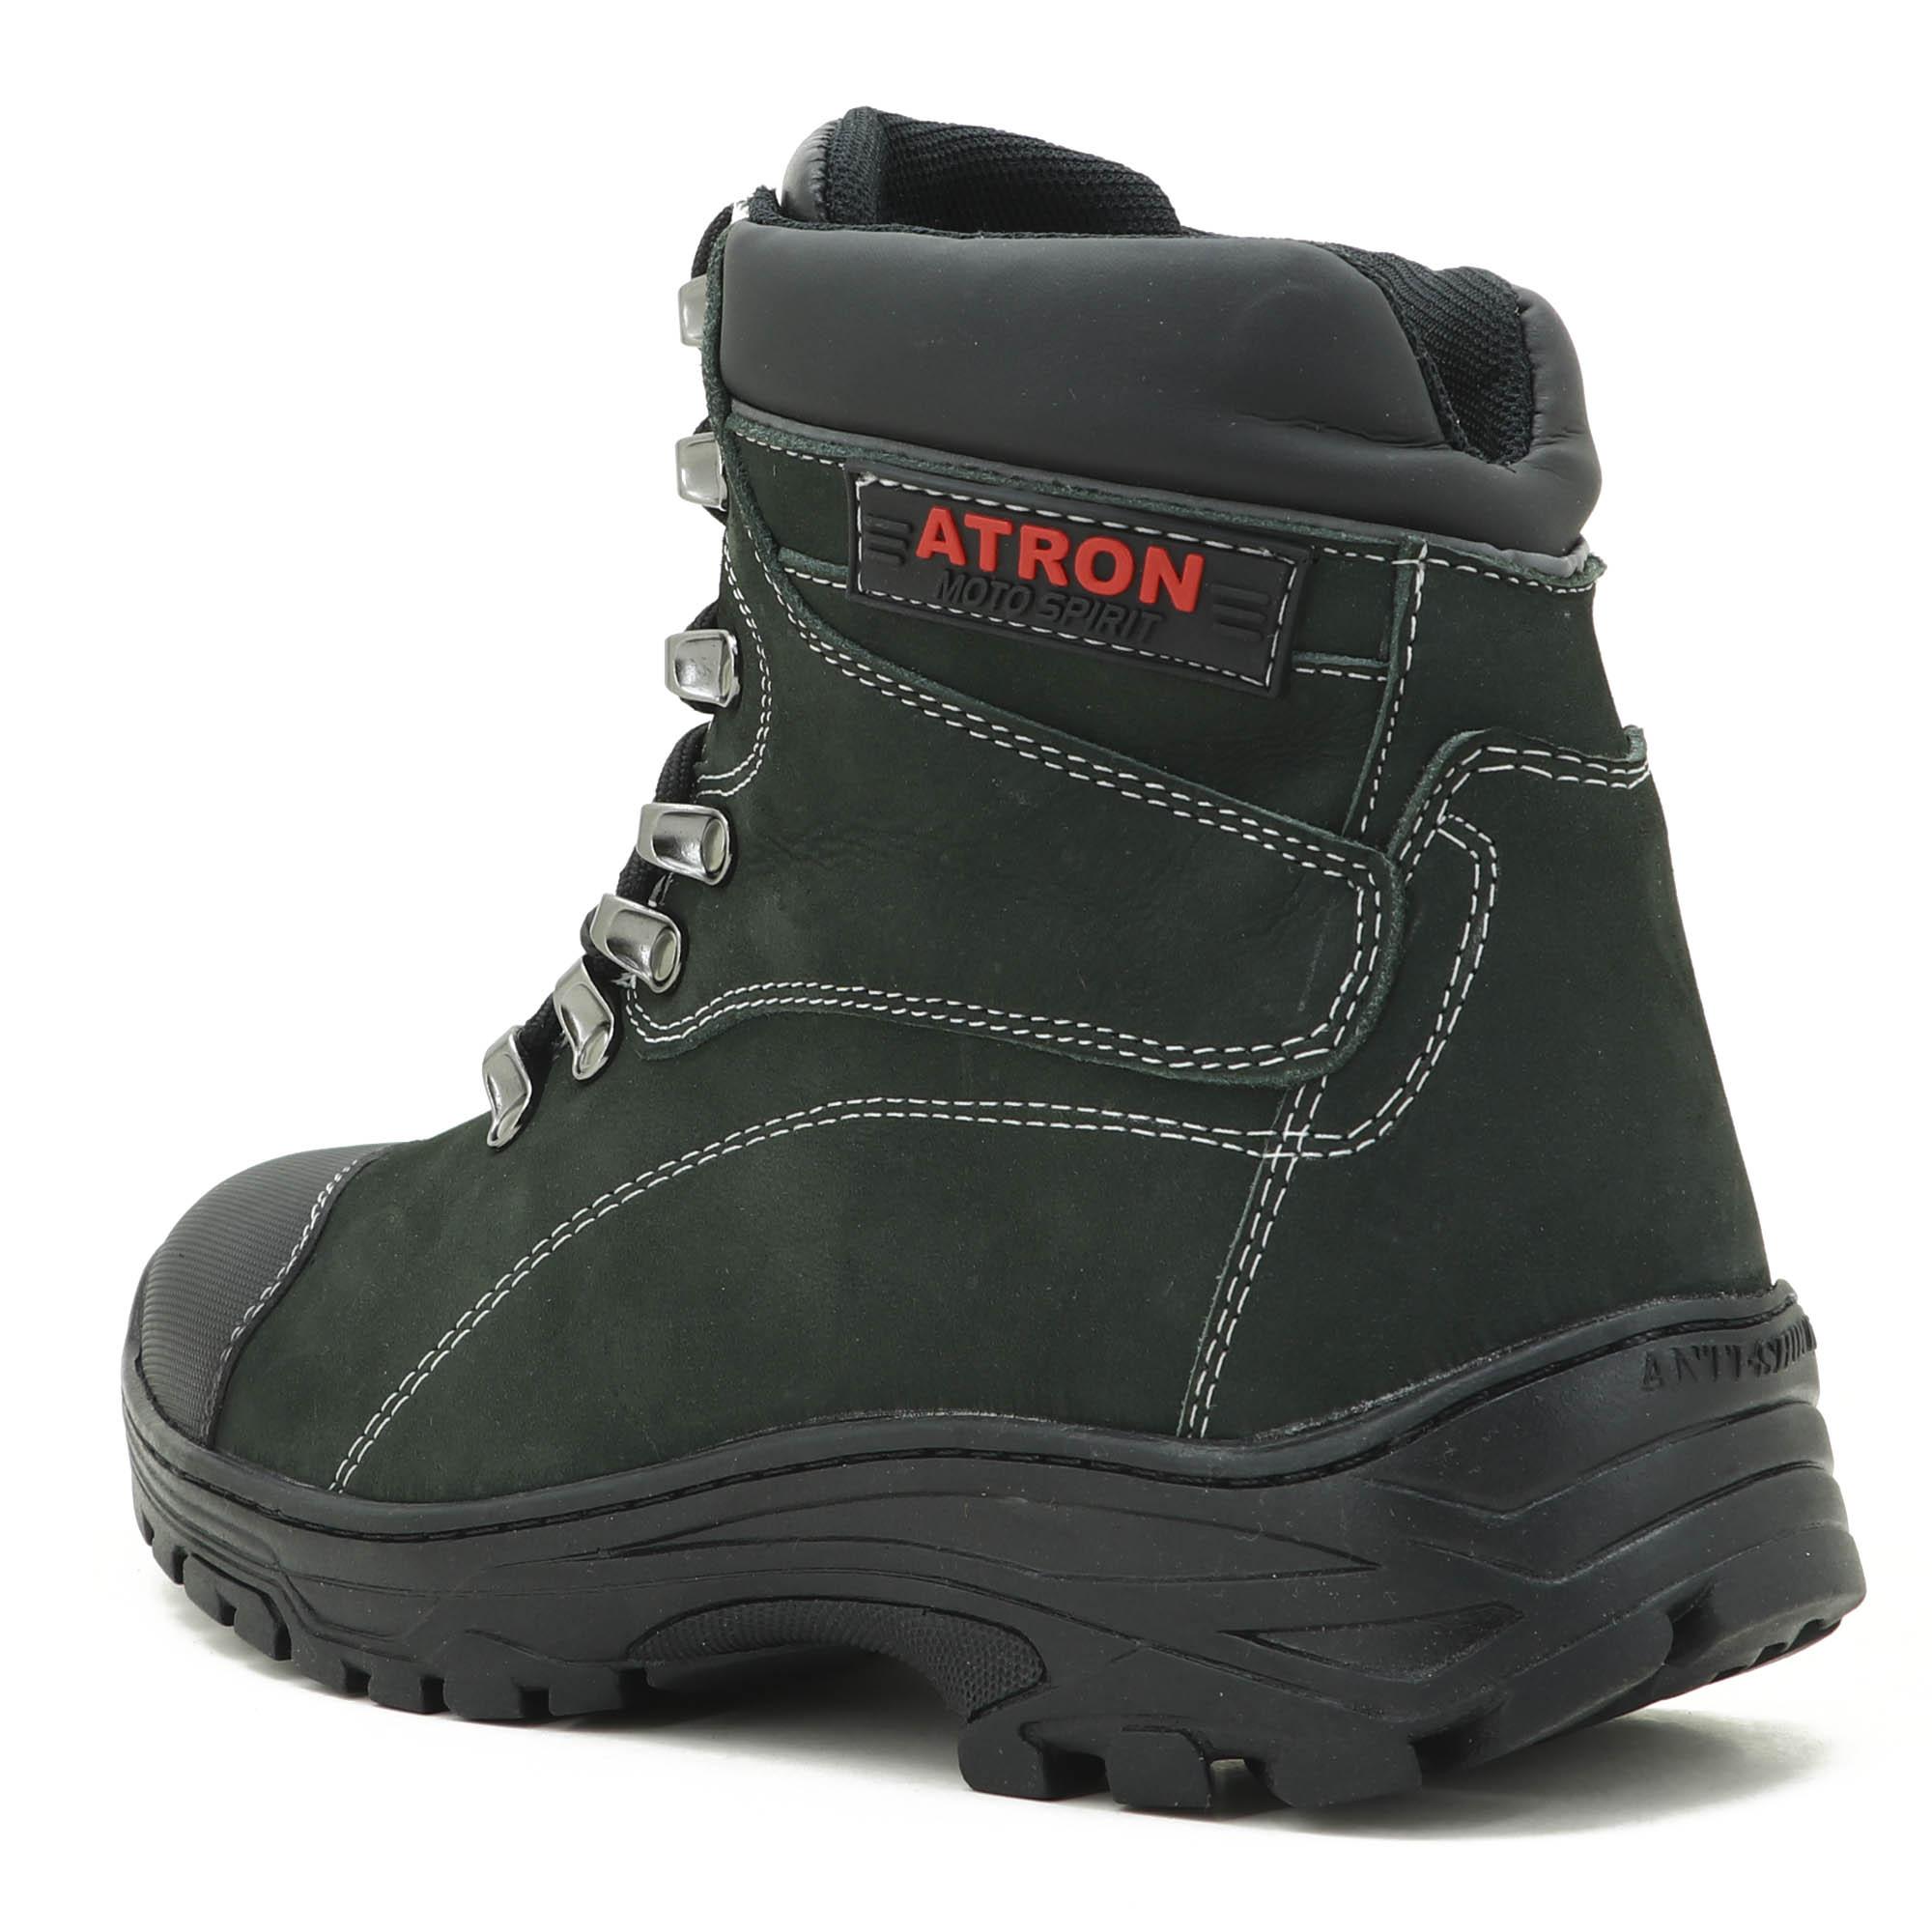 Coturno Adventure Atron Shoes Trekking em couro legítimo na cor verde 244 VALLENCE